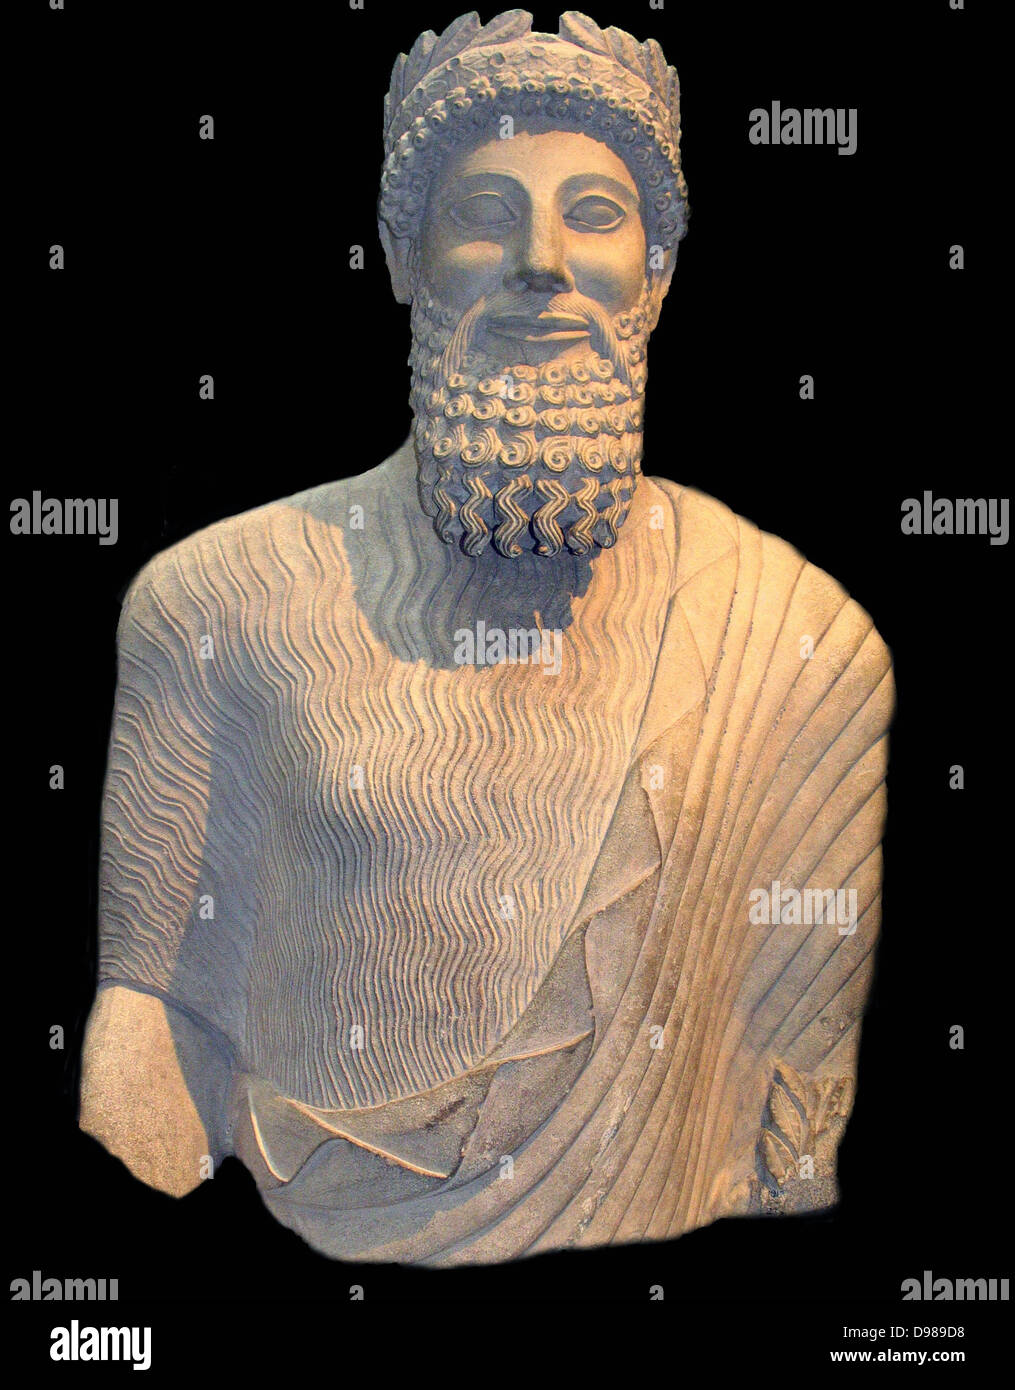 Colosal estatua de piedra caliza de un hombre barbado Foto de stock